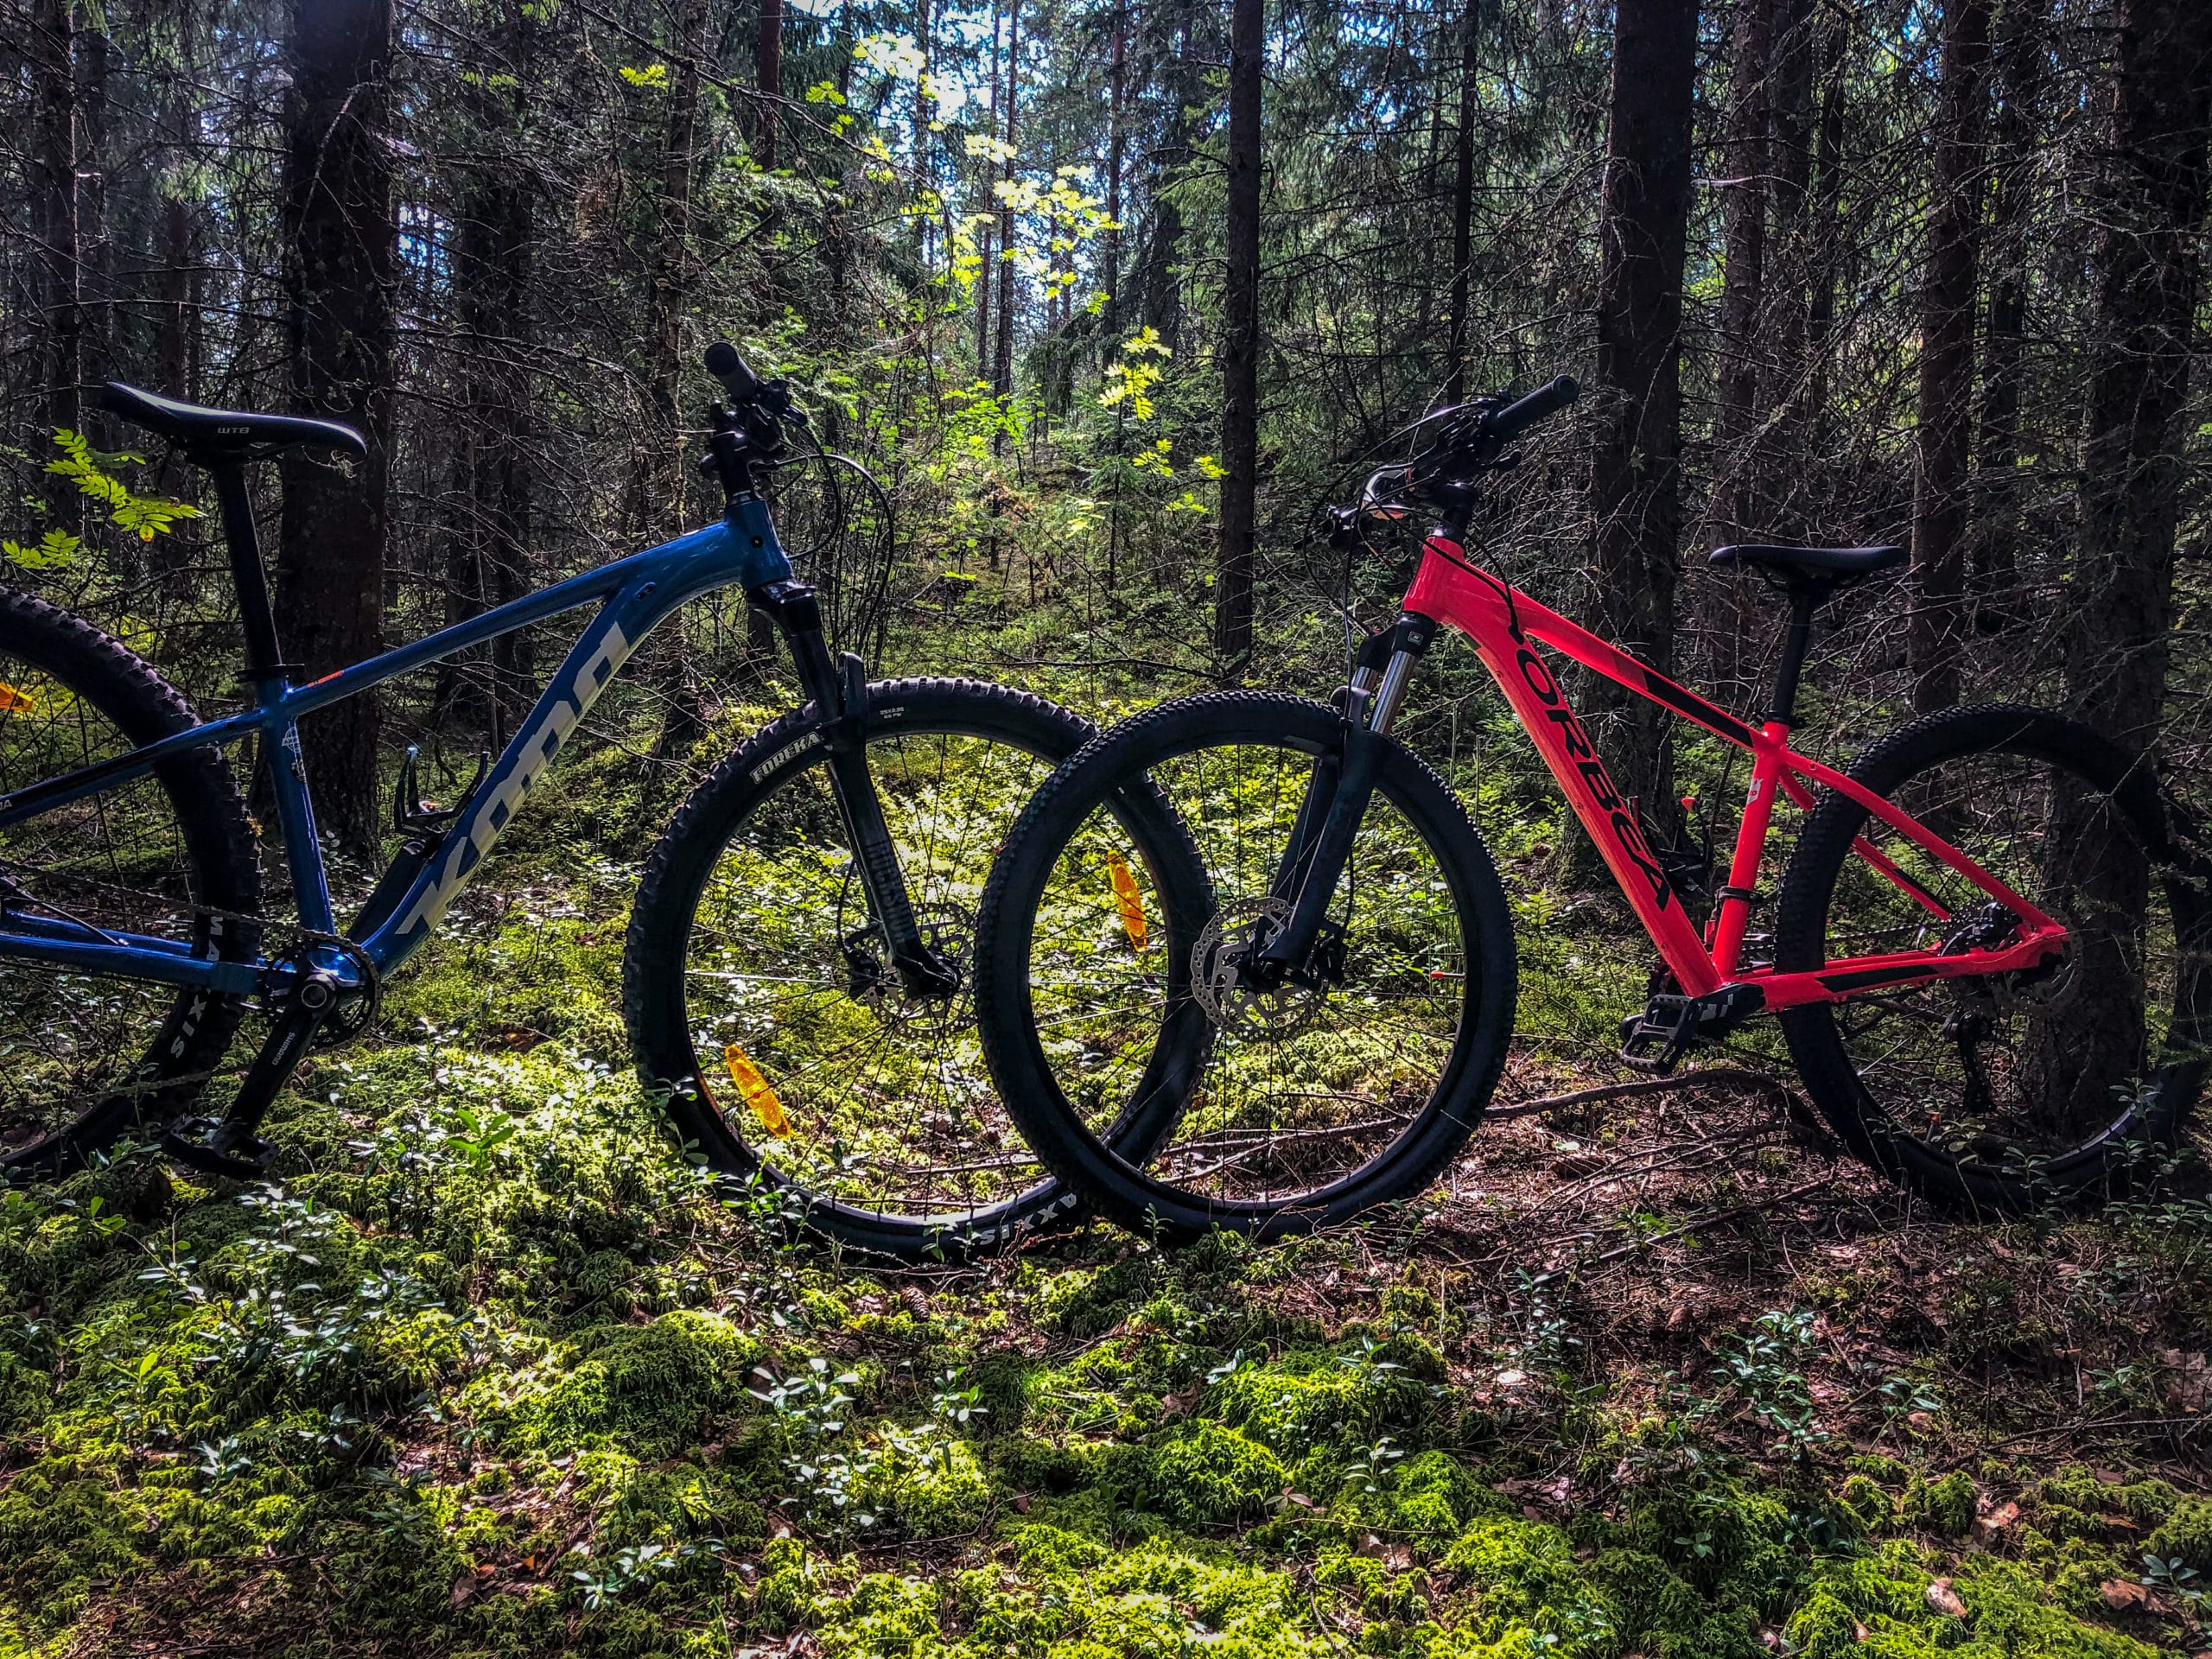 Maastopyörän valinta, mitä kannattaa ottaa huomioon